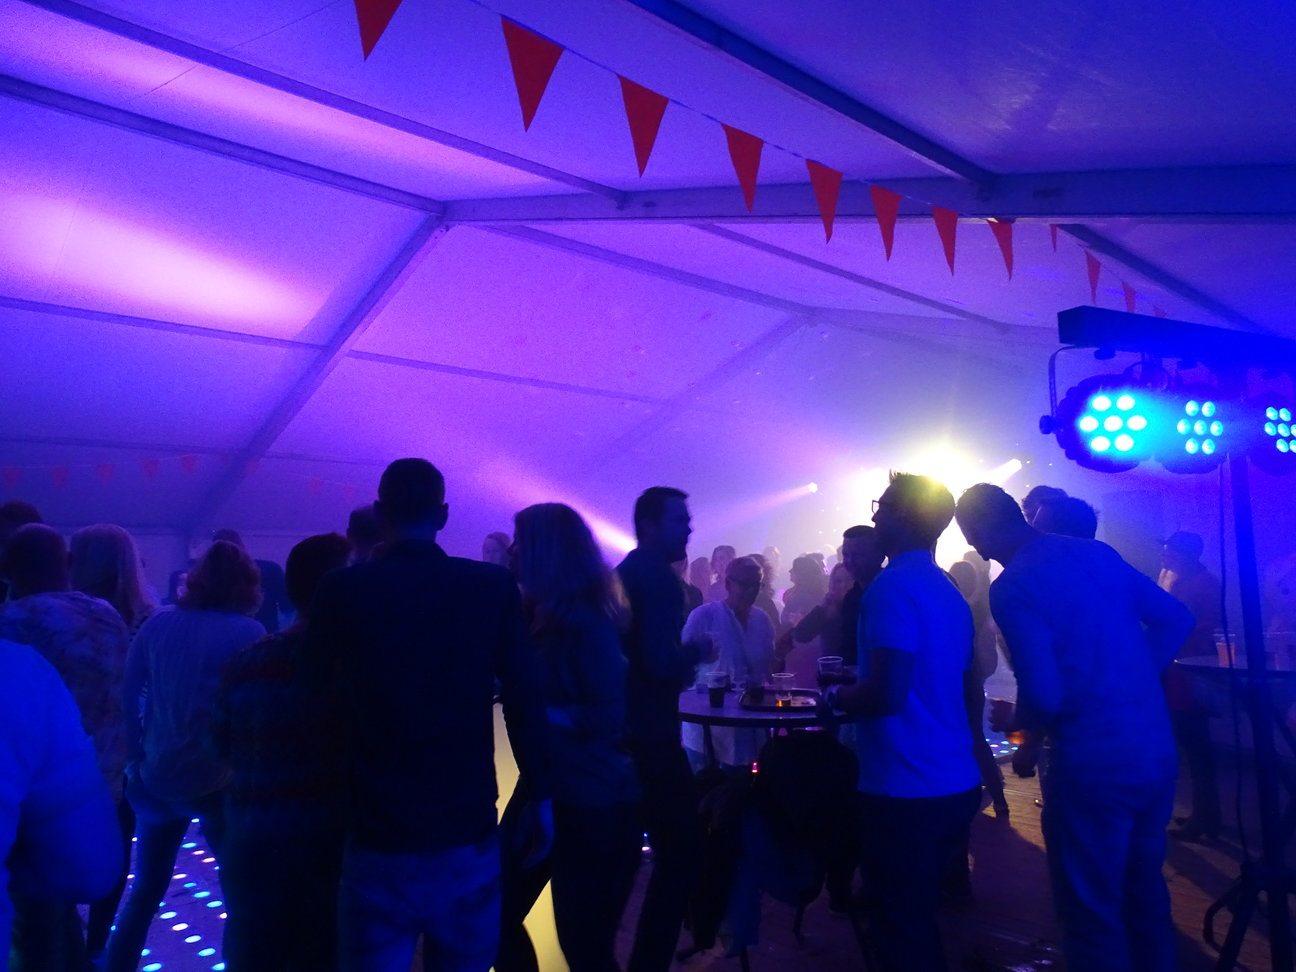 dansende mensen op een feest